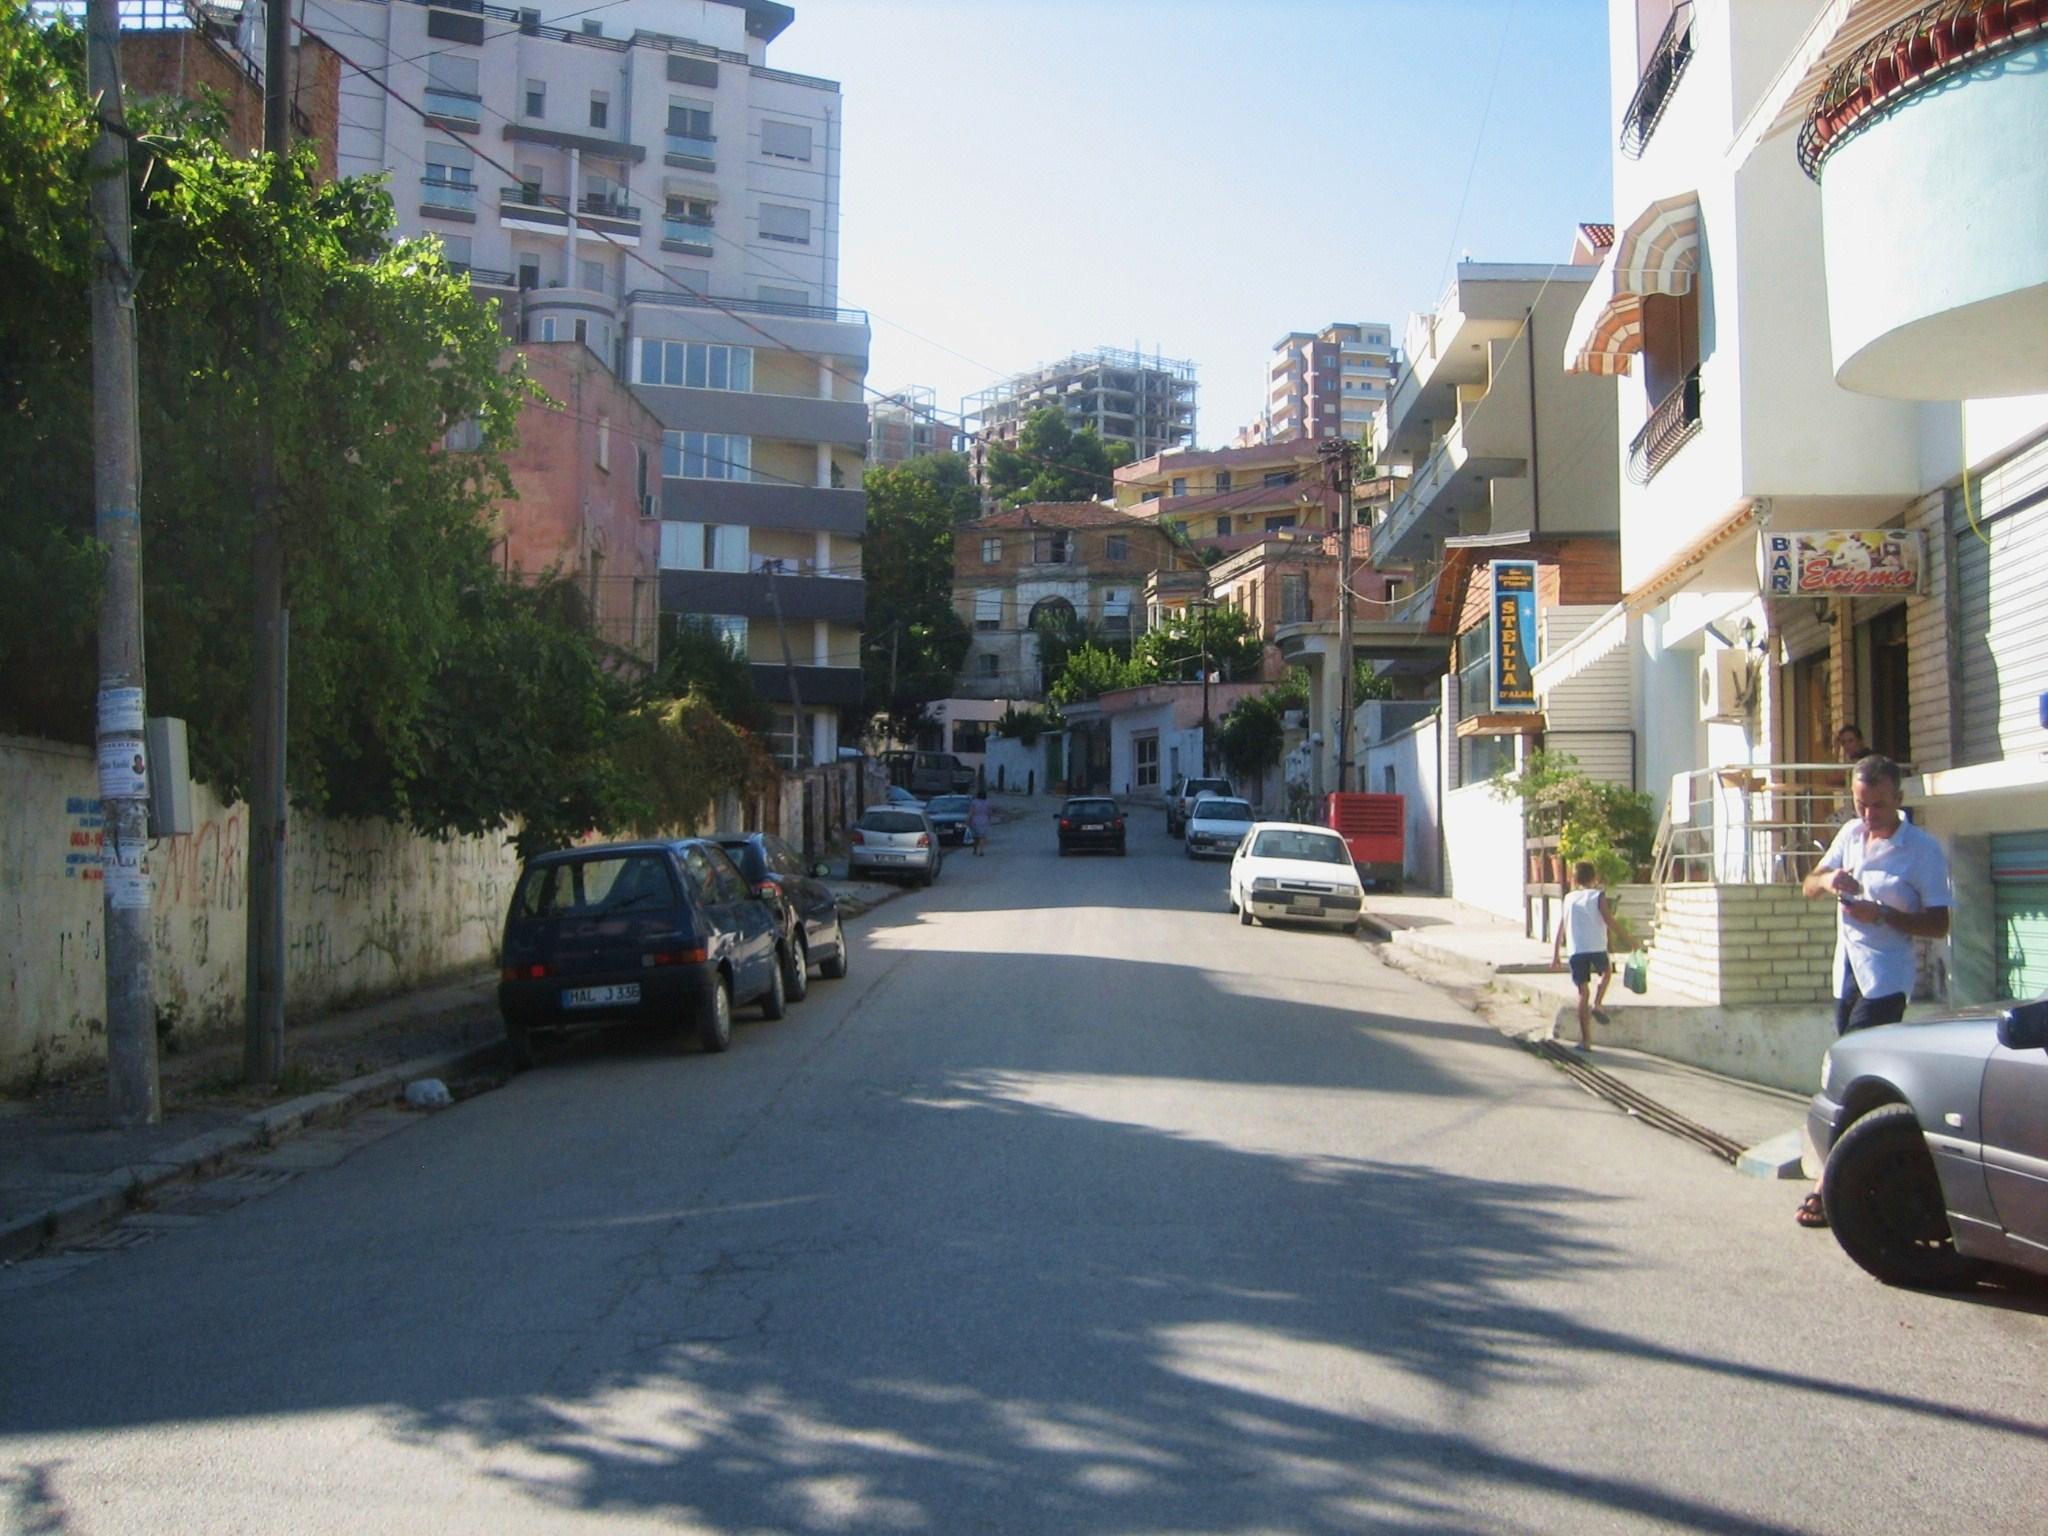 Earthmapsfree2 Streetview